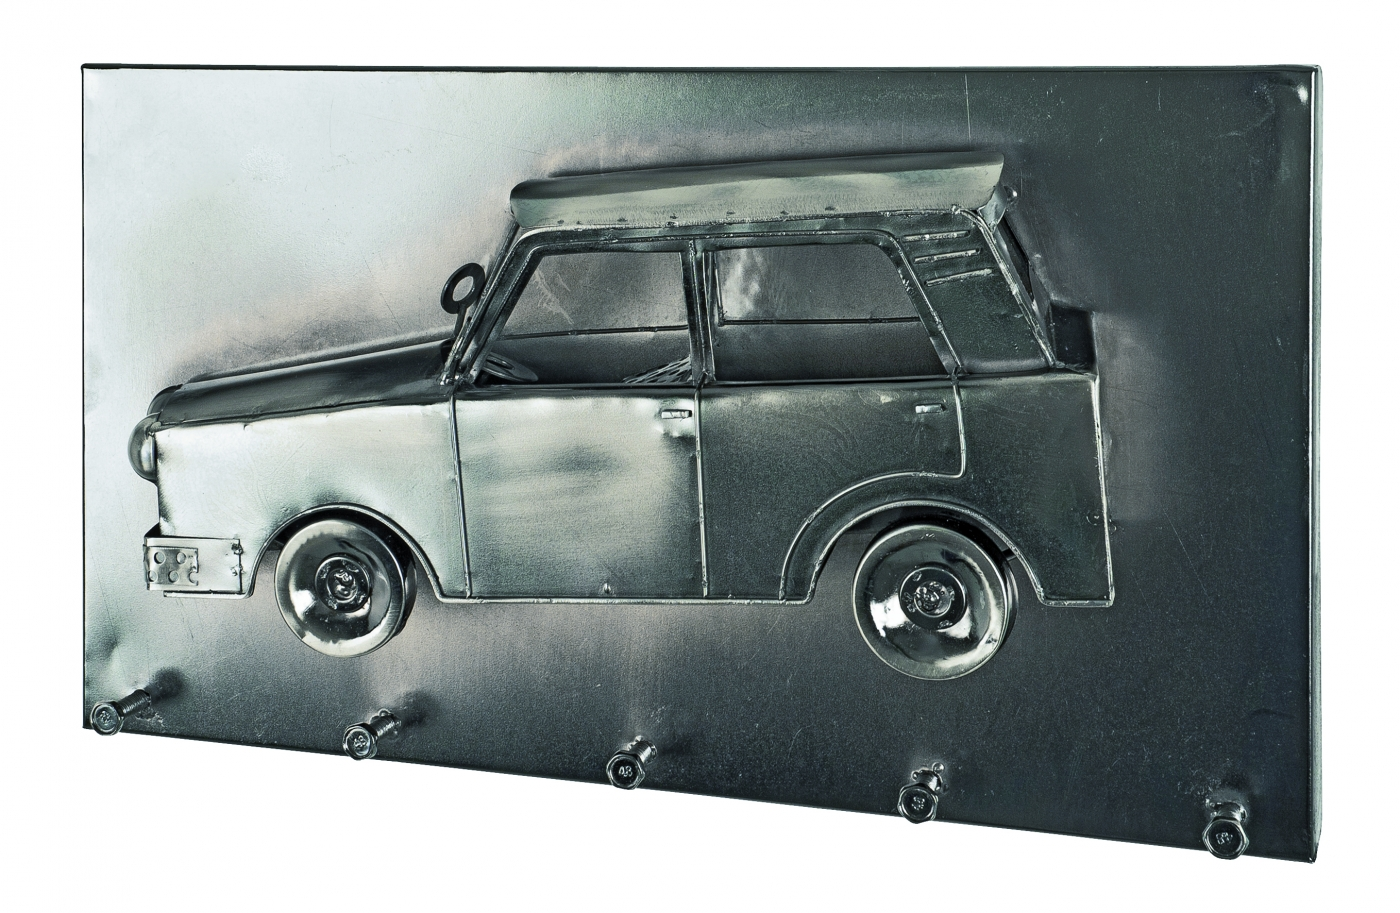 Nástěnný věšák Weels II., 35 cm, tmavý chrom